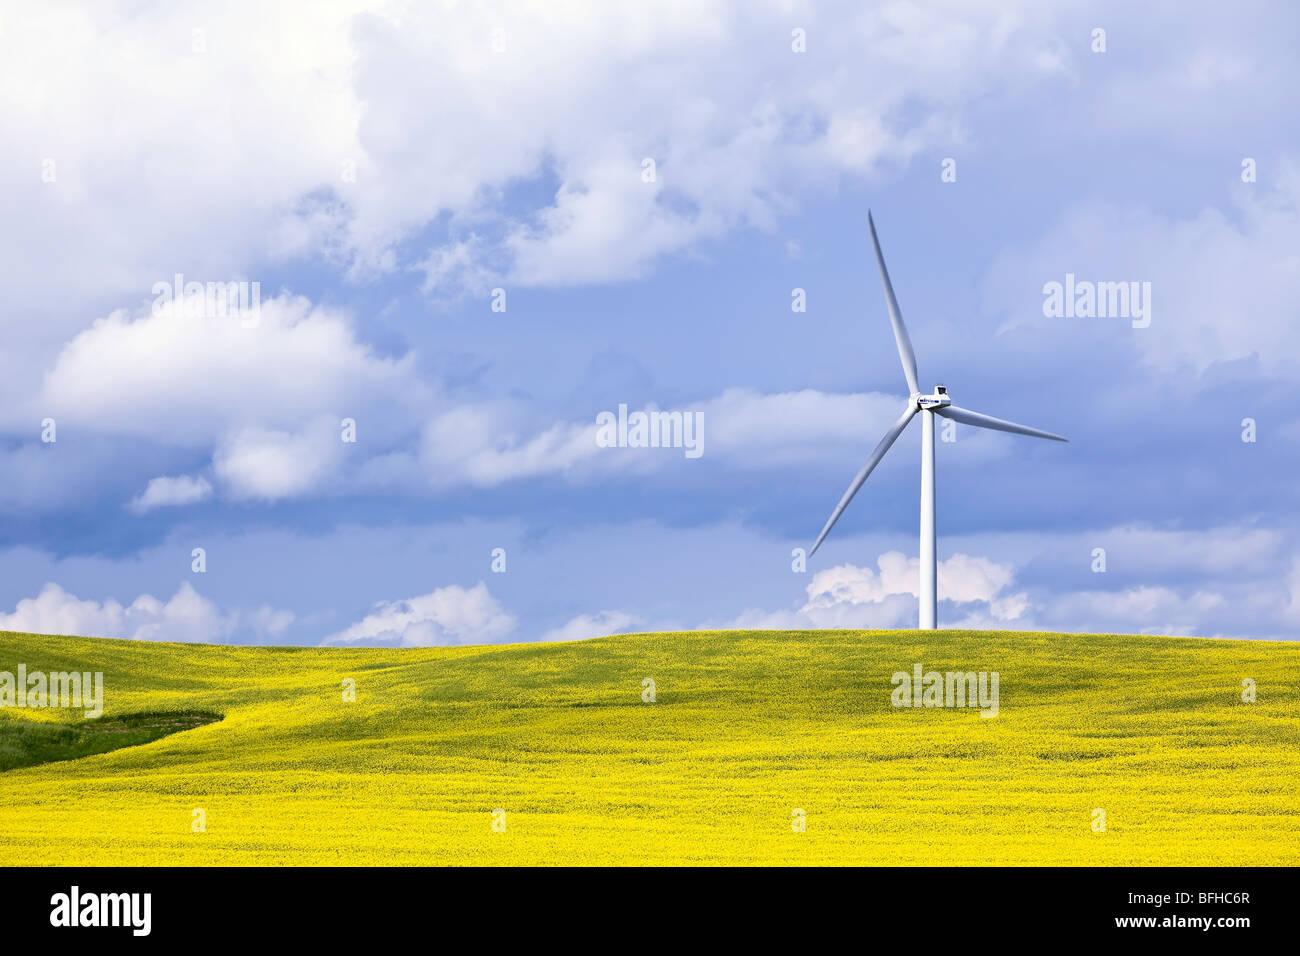 Wind Energie Turbine und Raps Feld, an einem stürmischen Tag.  St. Leon, Manitoba, Kanada. Stockbild